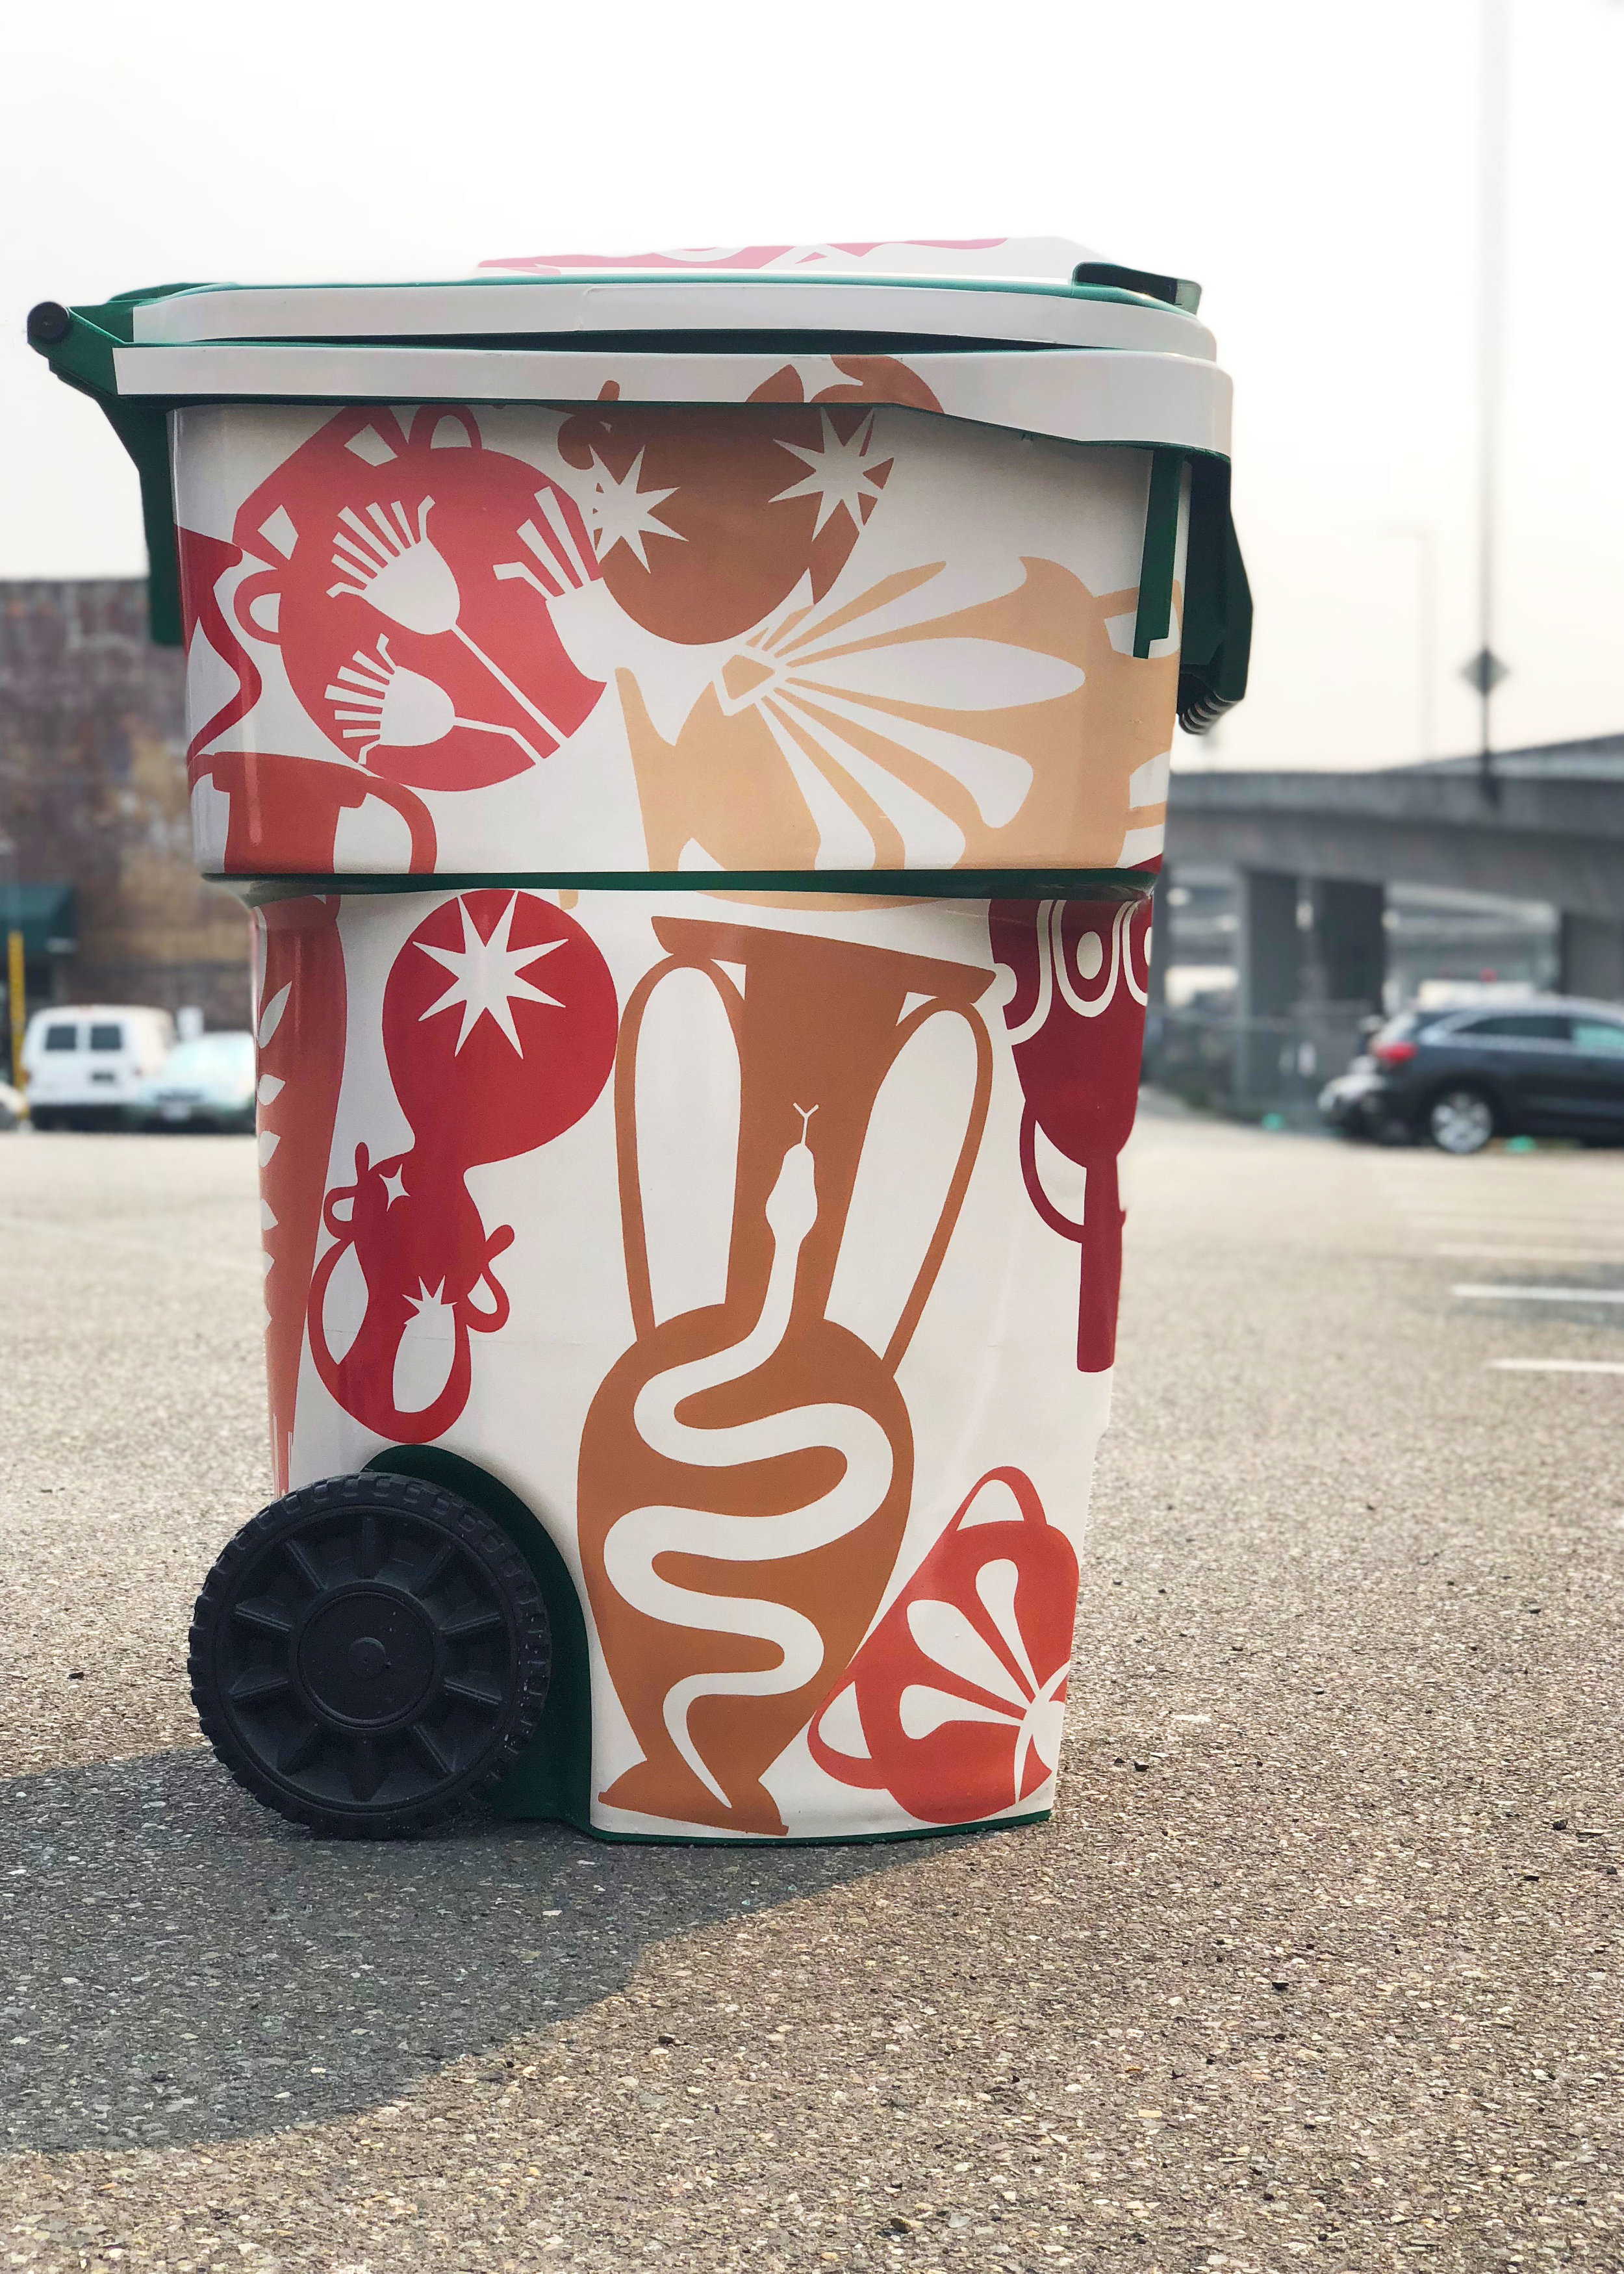 Recycling-Bin-1.jpg